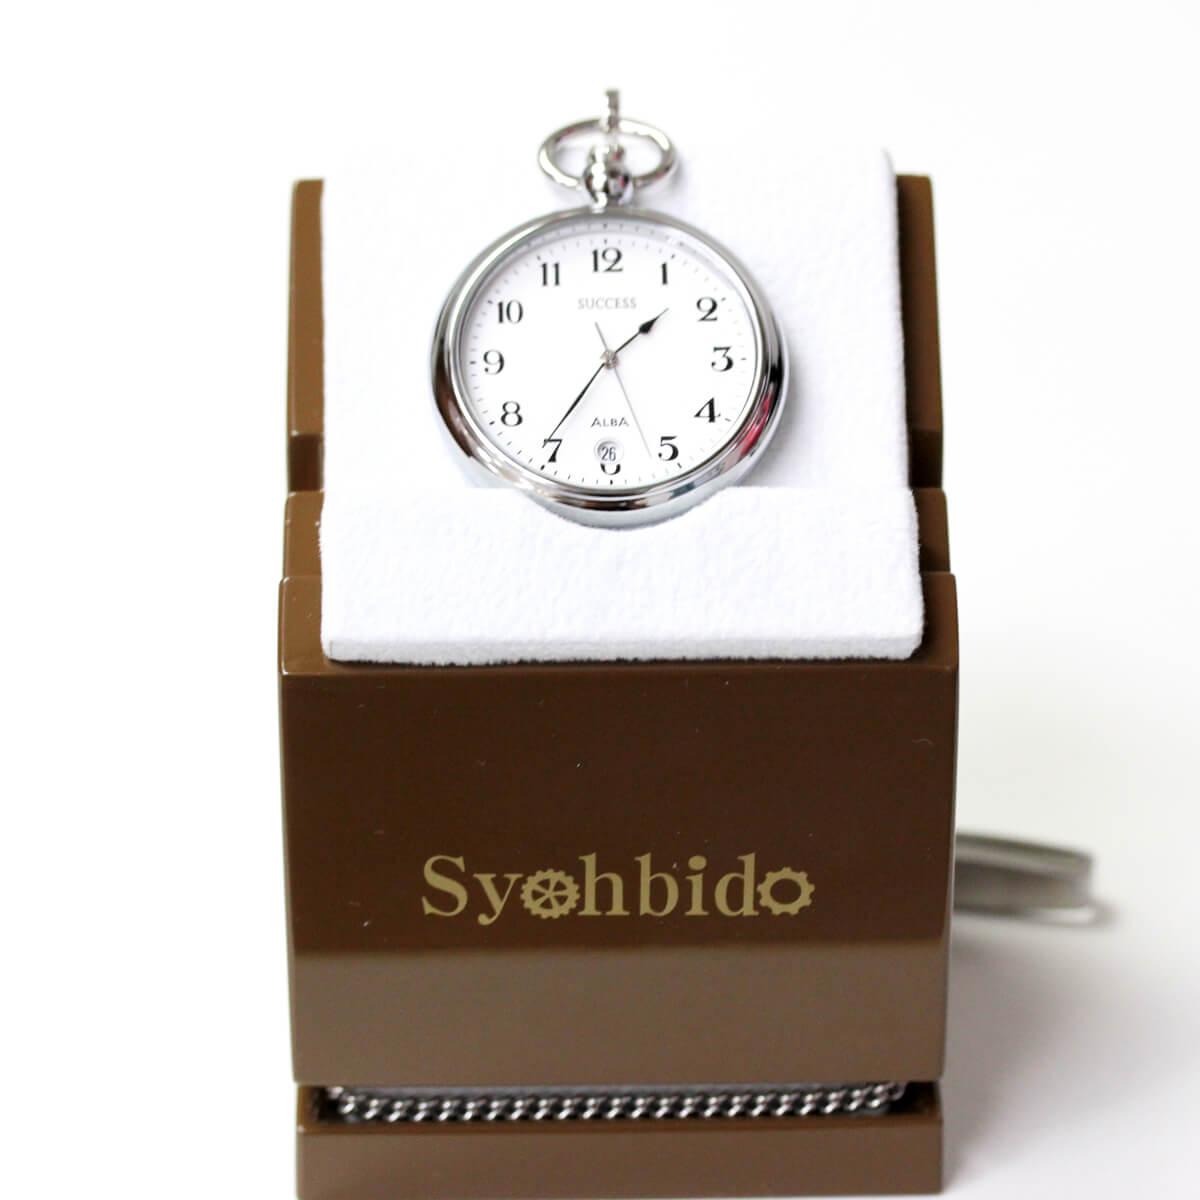 セイコー アルバ 懐中時計 スタンド イメージ画像1